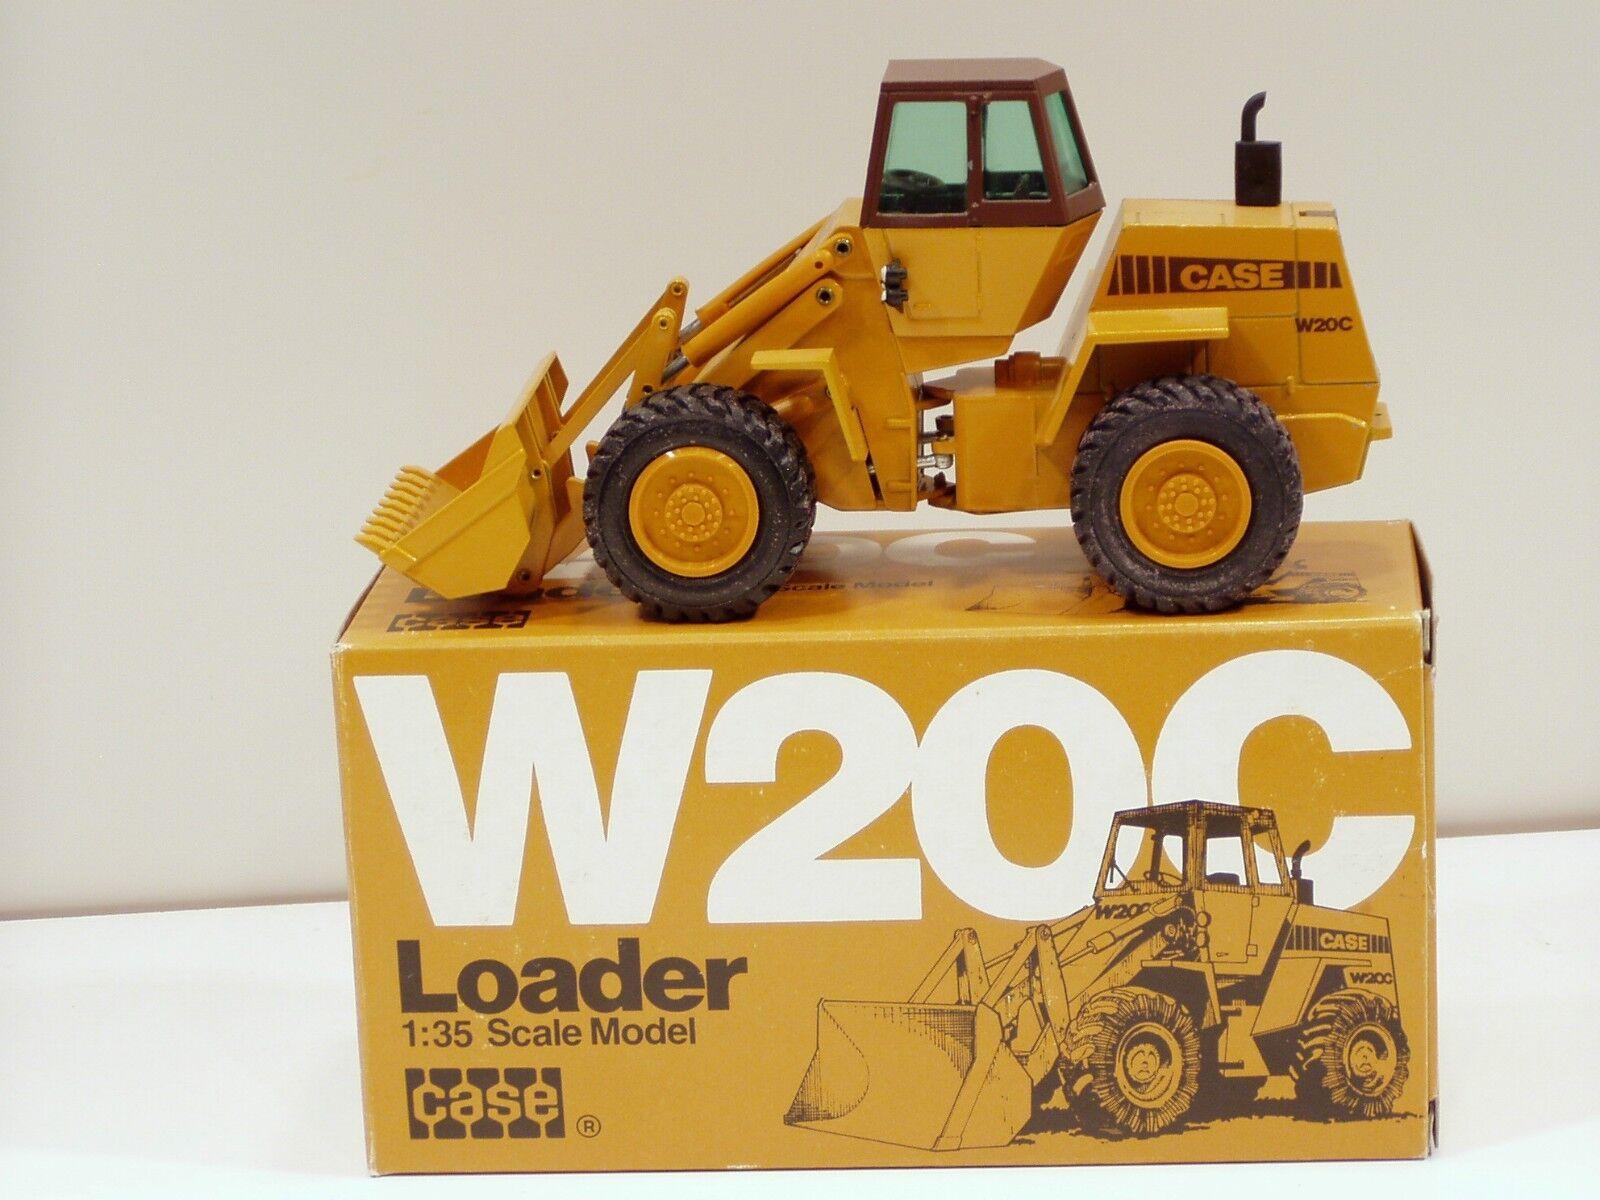 Estuche Cargador De W20C - 1/35 - NZG 214 - N. Menta en caja